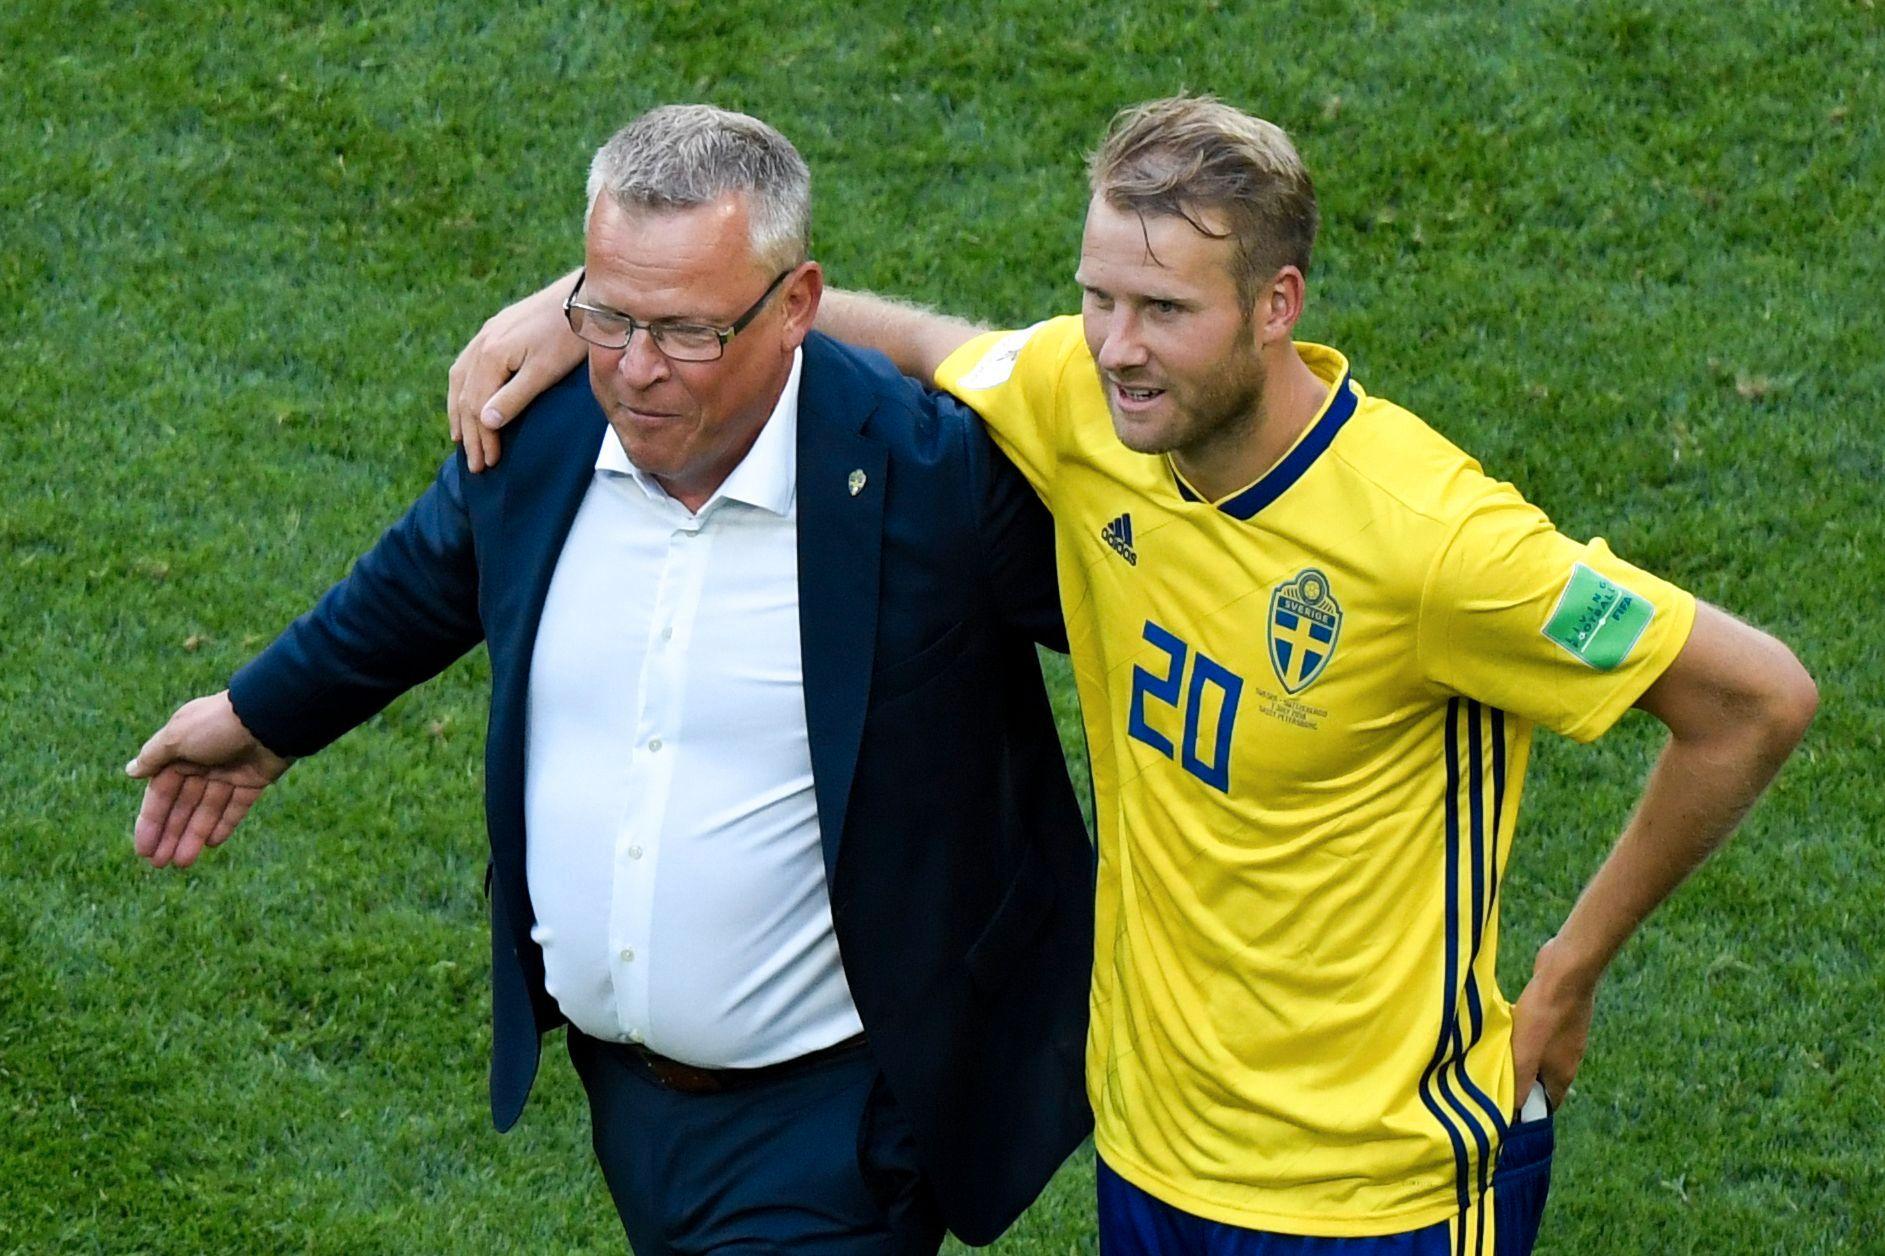 GULL AV GRÅTT: OIa Toivonen scoret ingen mål for svake Toulouse denne sesongen, men er en nøkkelmann under Janne Andersson.